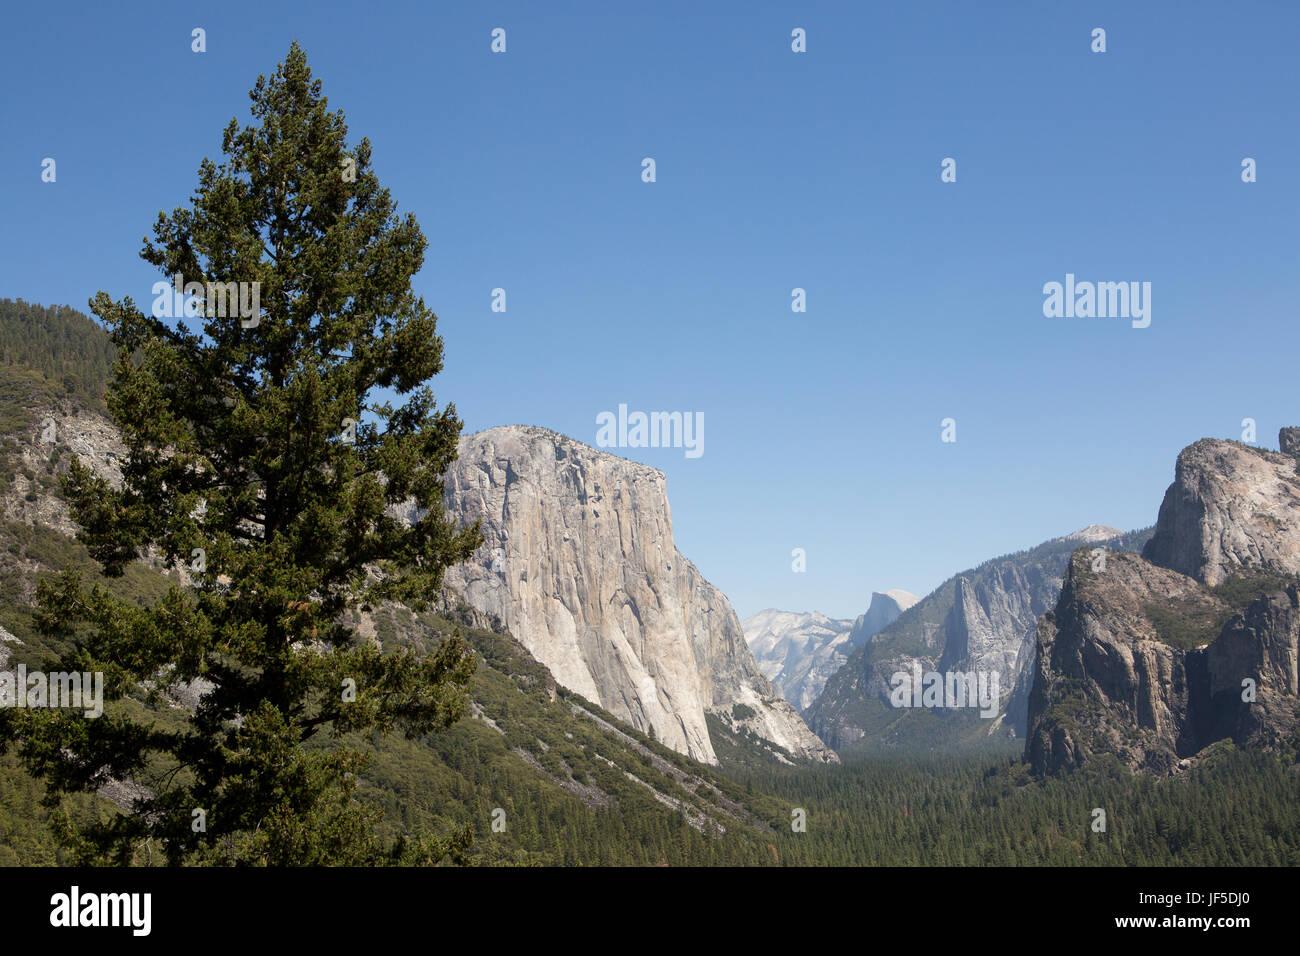 Ein Blick auf El Capitan und Half Dome Berg vom Tunnel View Point. Stockbild